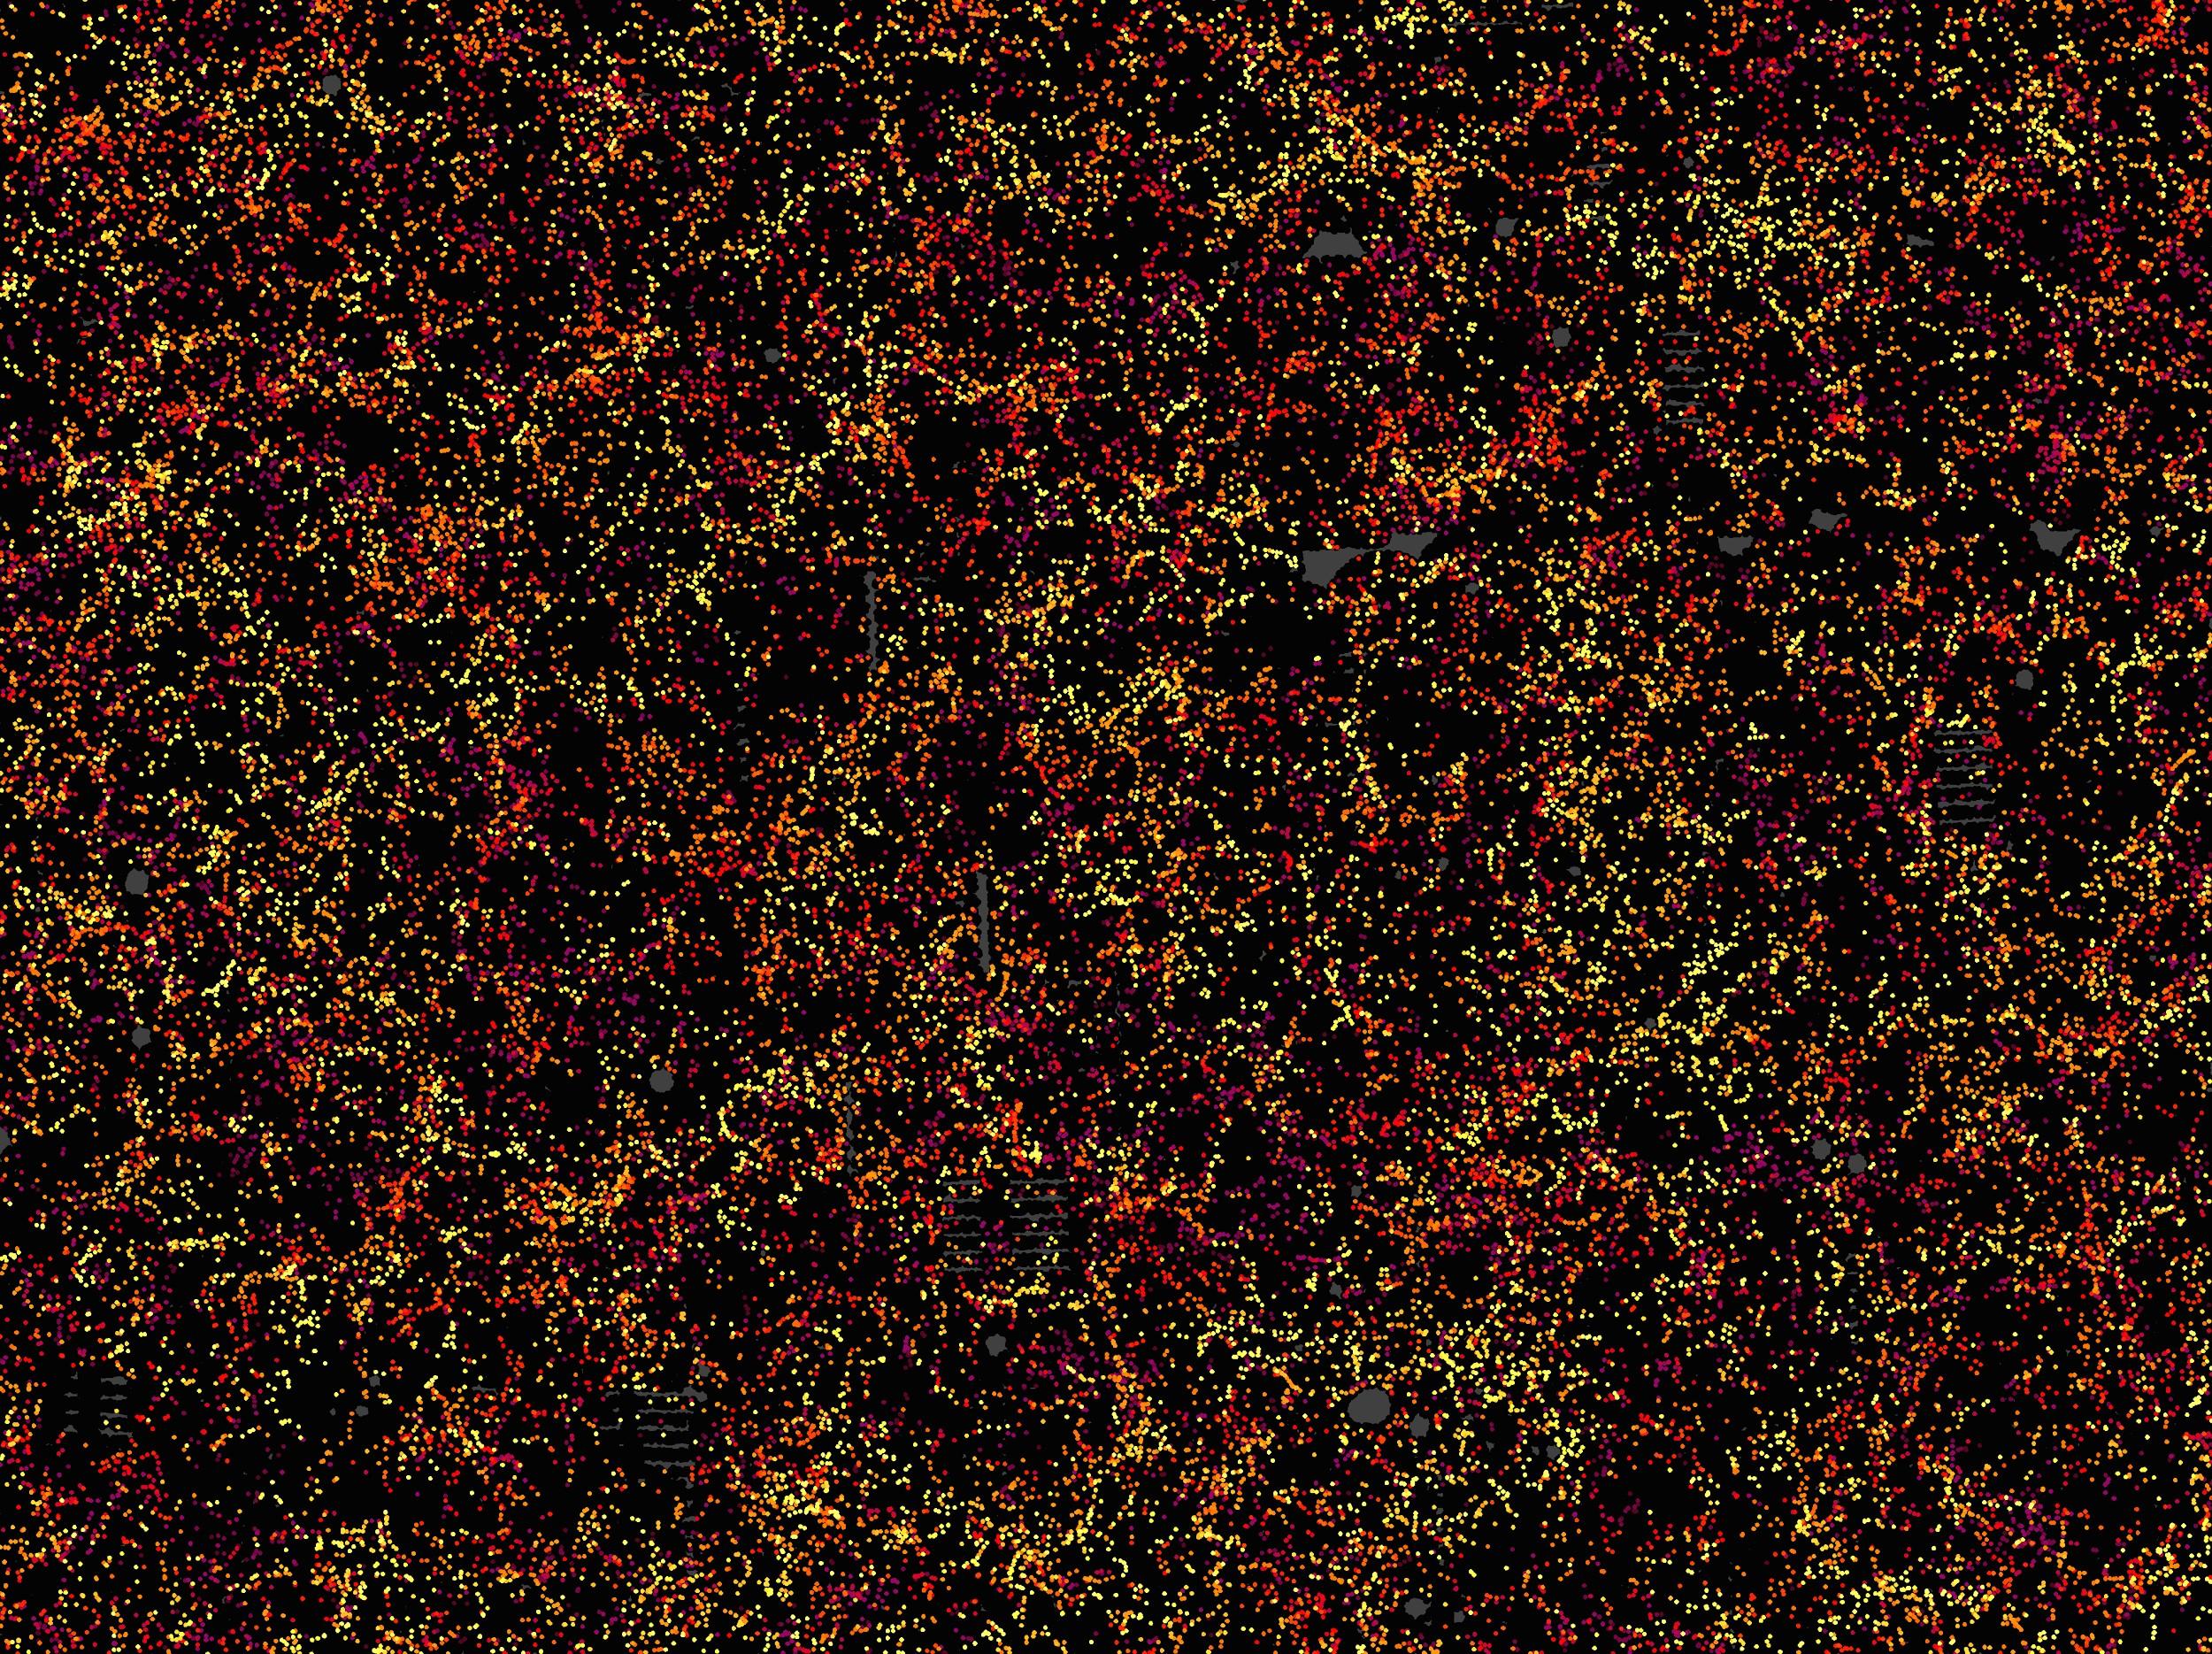 Mapa de más de un millón de galaxias para estudiar la energía oscura